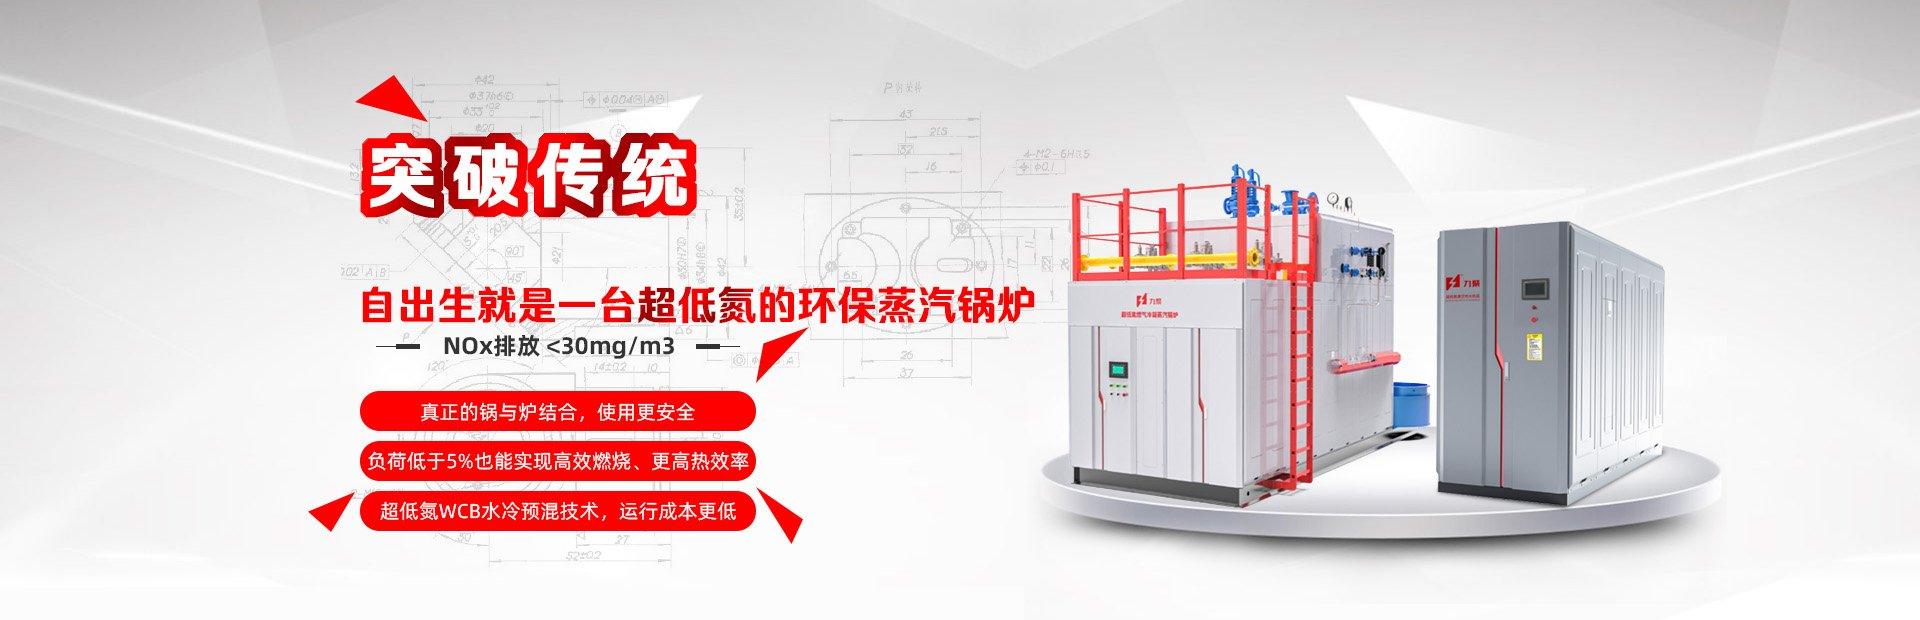 超低氮燃氣蒸汽、熱水鍋爐